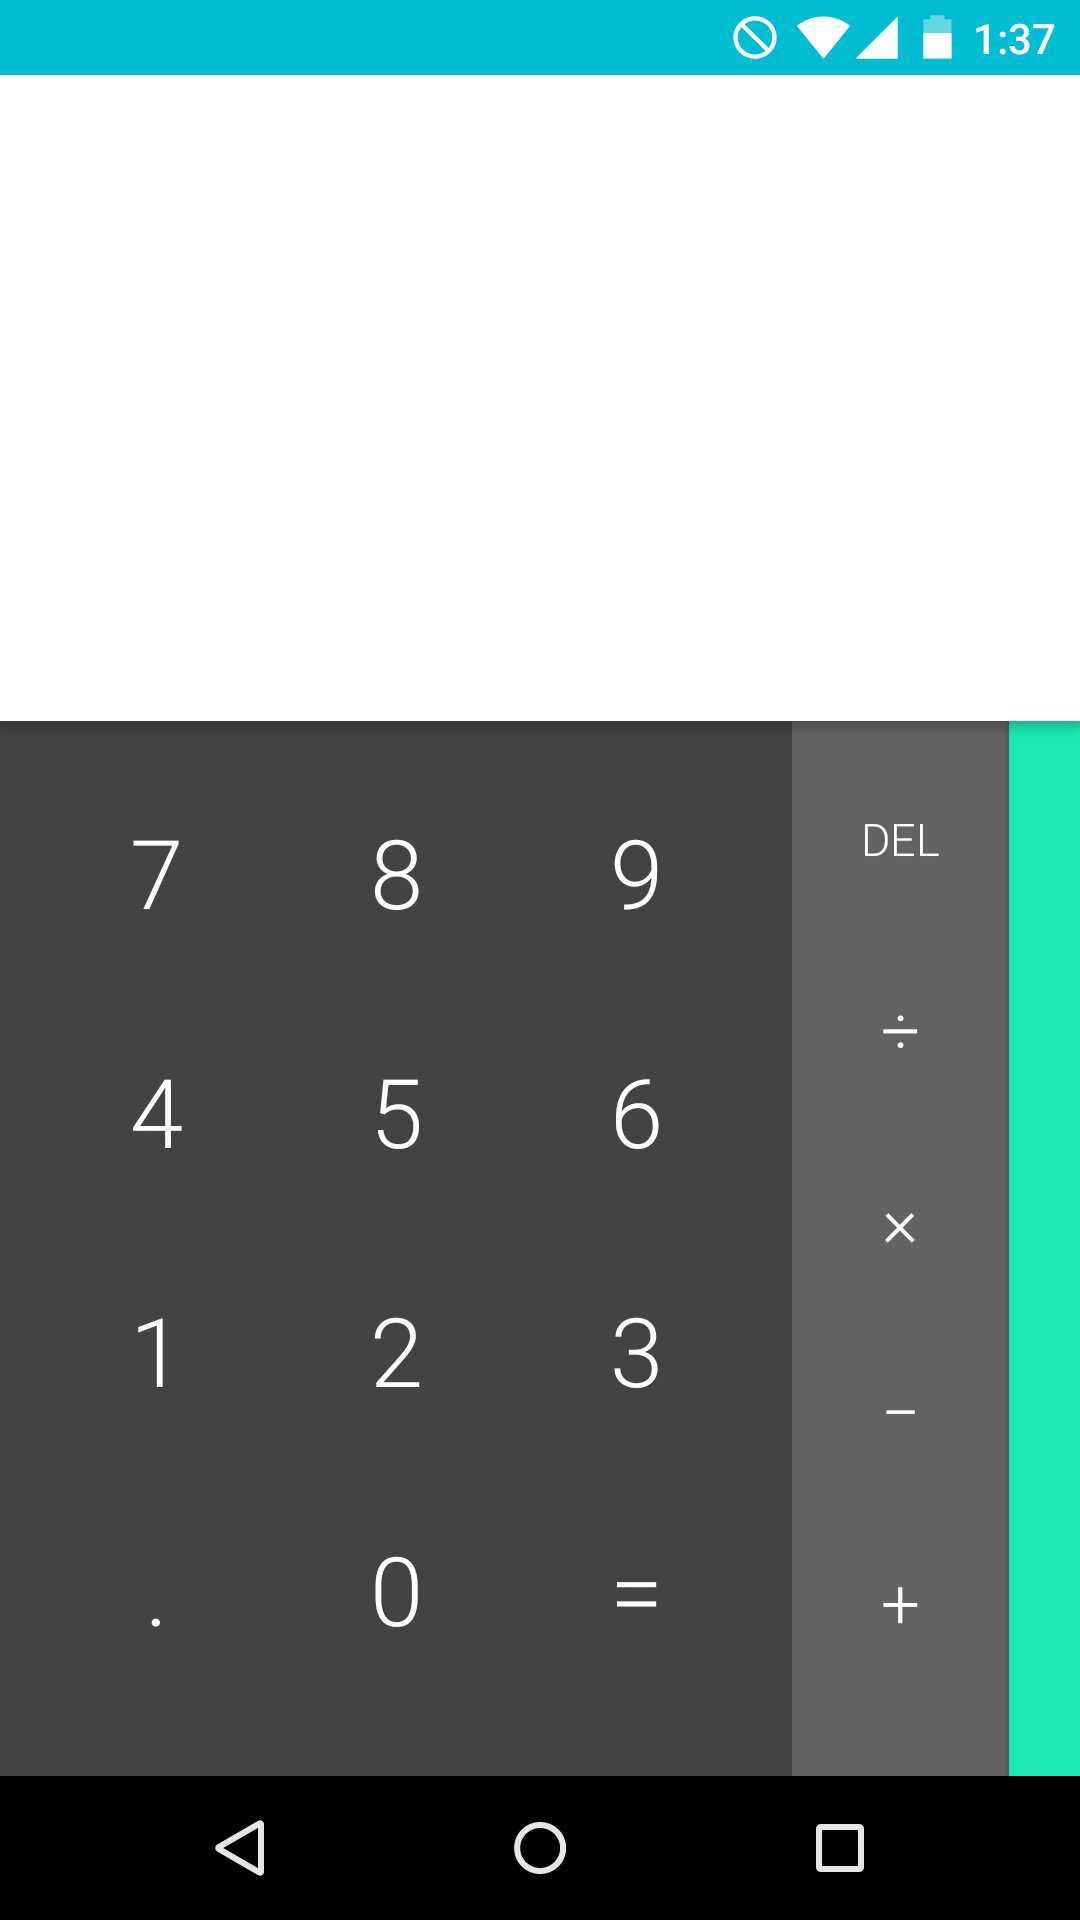 Disponibile Android 5.0 Lollipop per Xperia Z, grazie alla prima rom AOSP